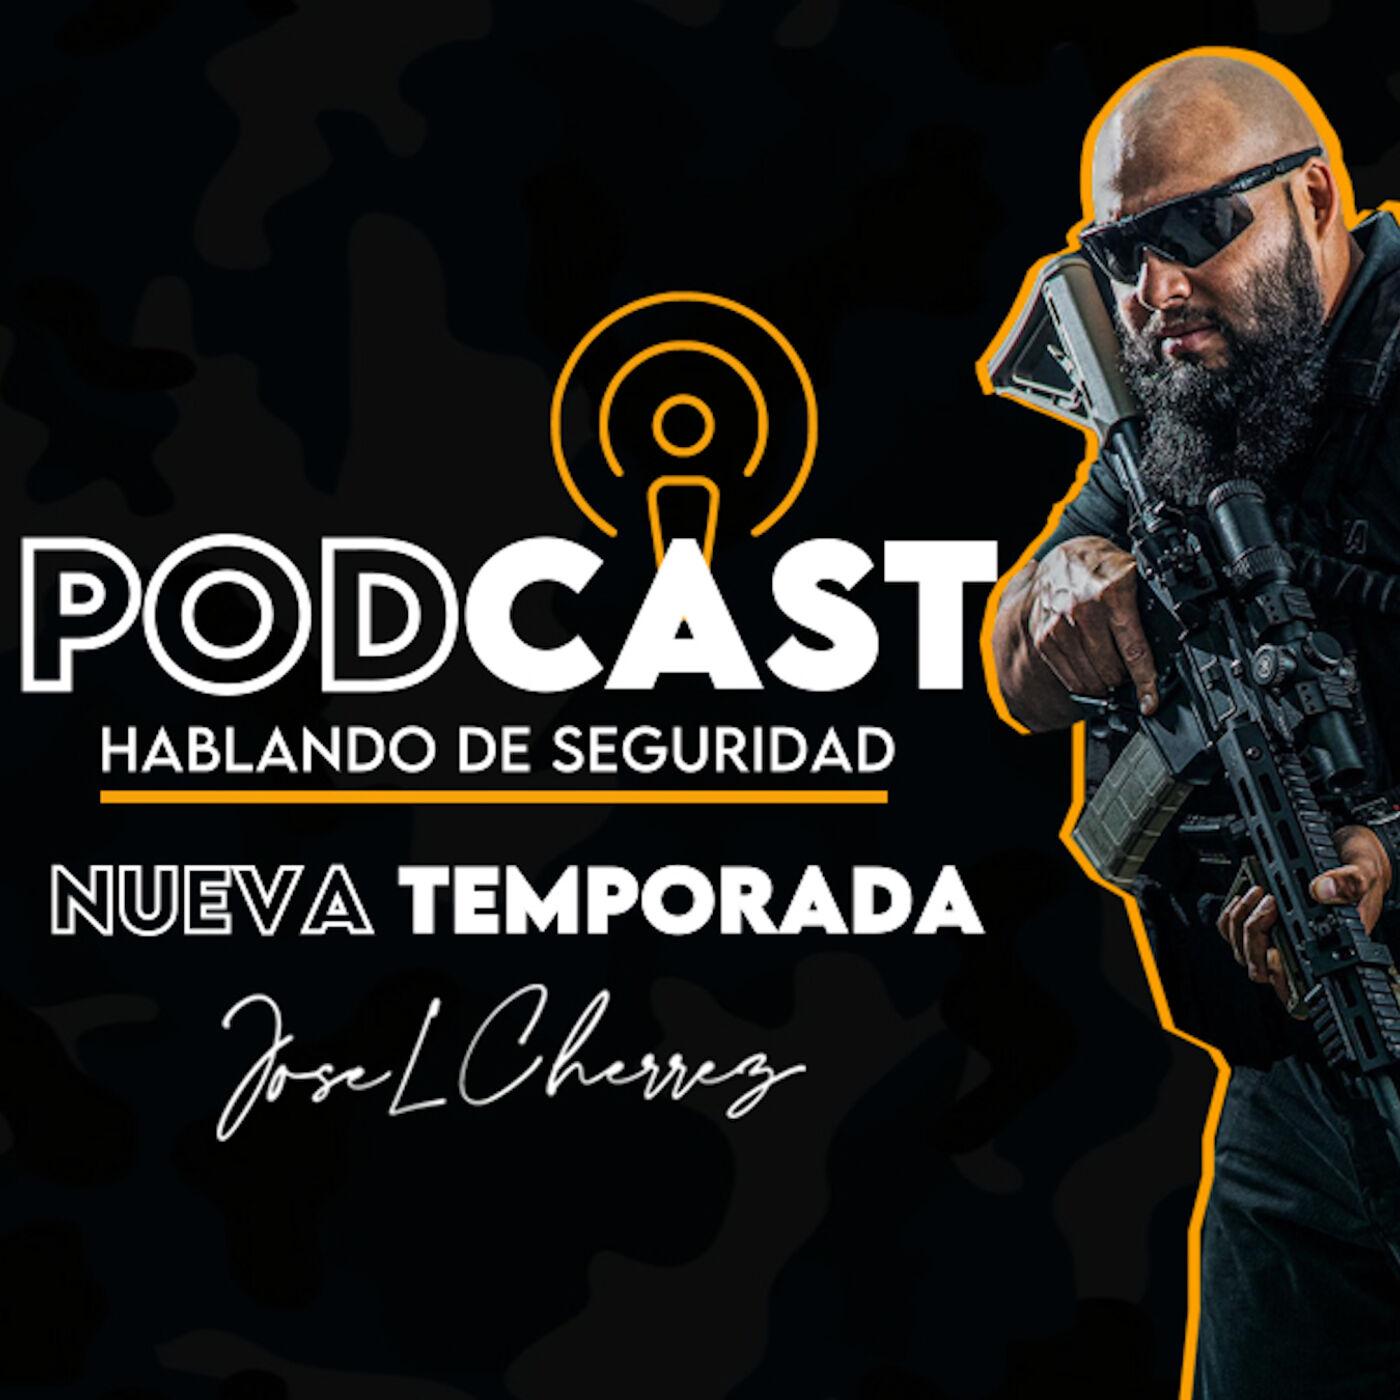 Jose L Cherrez conversando con Damián Tiradores Argentinos